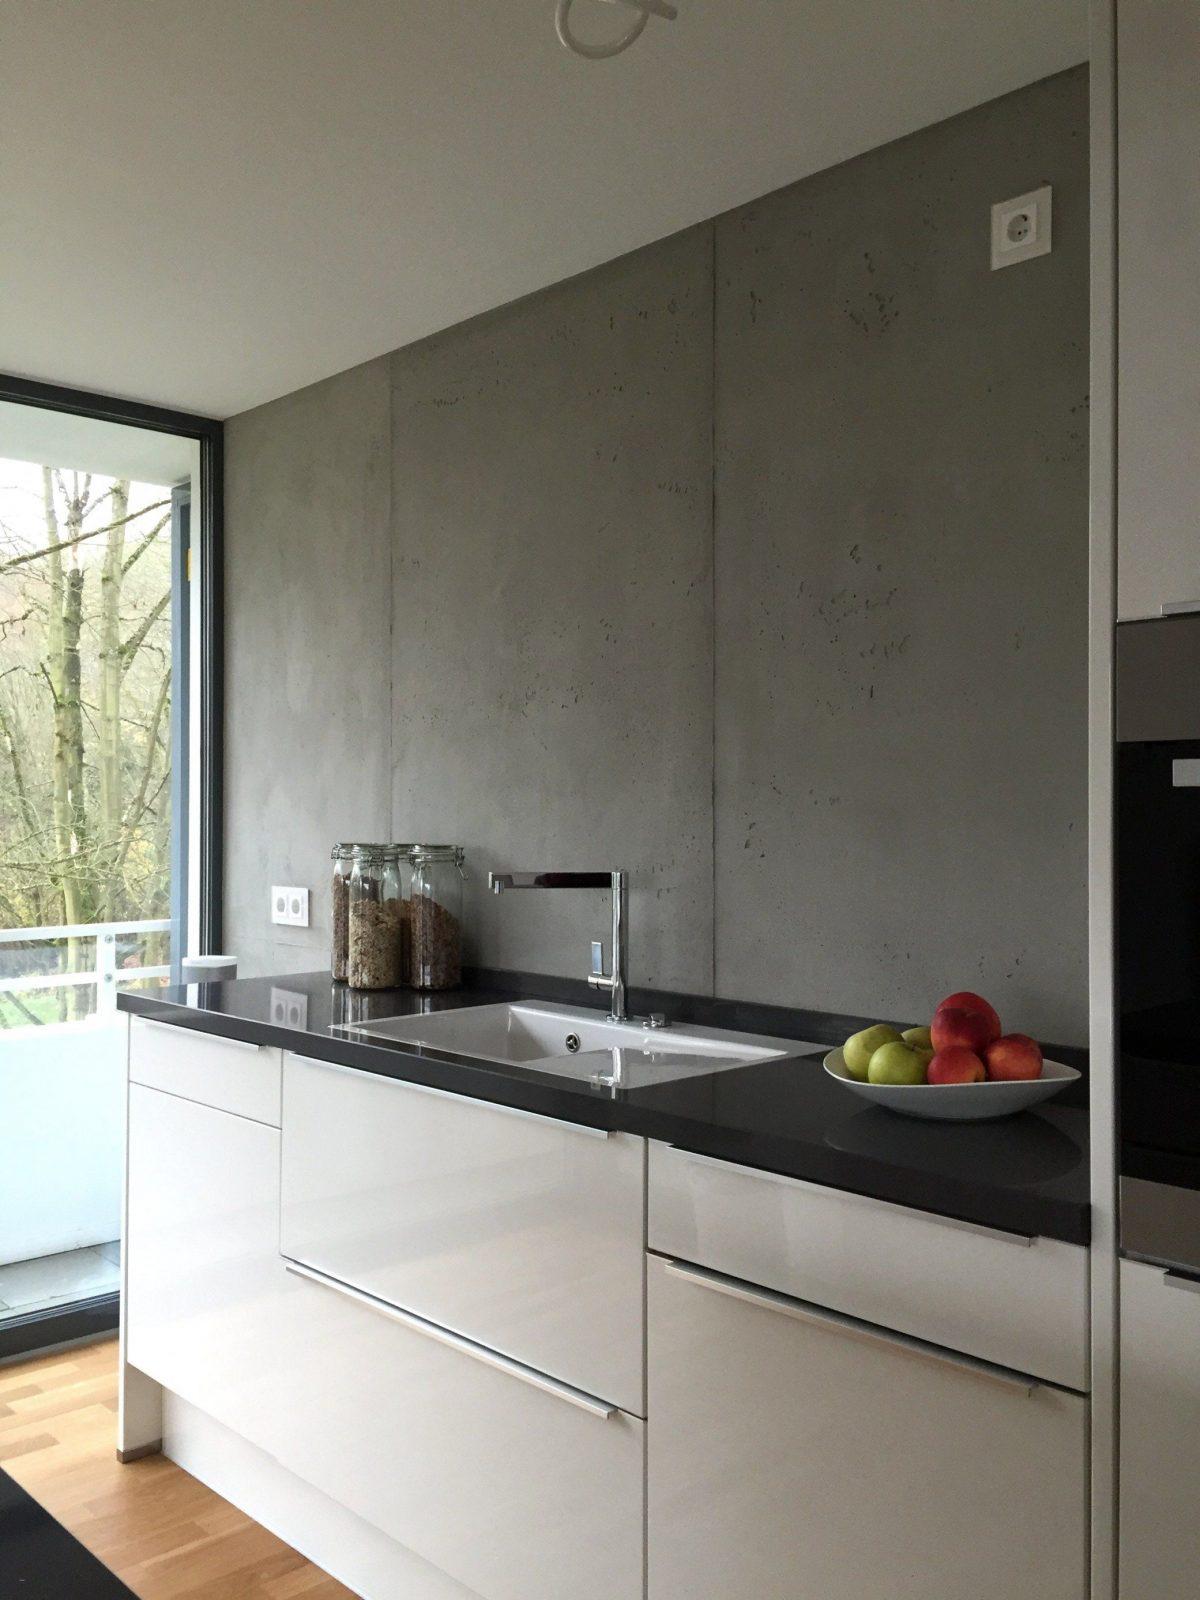 Abwaschbare Farbe Statt Fliesen Küche Awesome Abwaschbare Wandfarbe von Abwaschbare Farbe Statt Fliesen Küche Bild